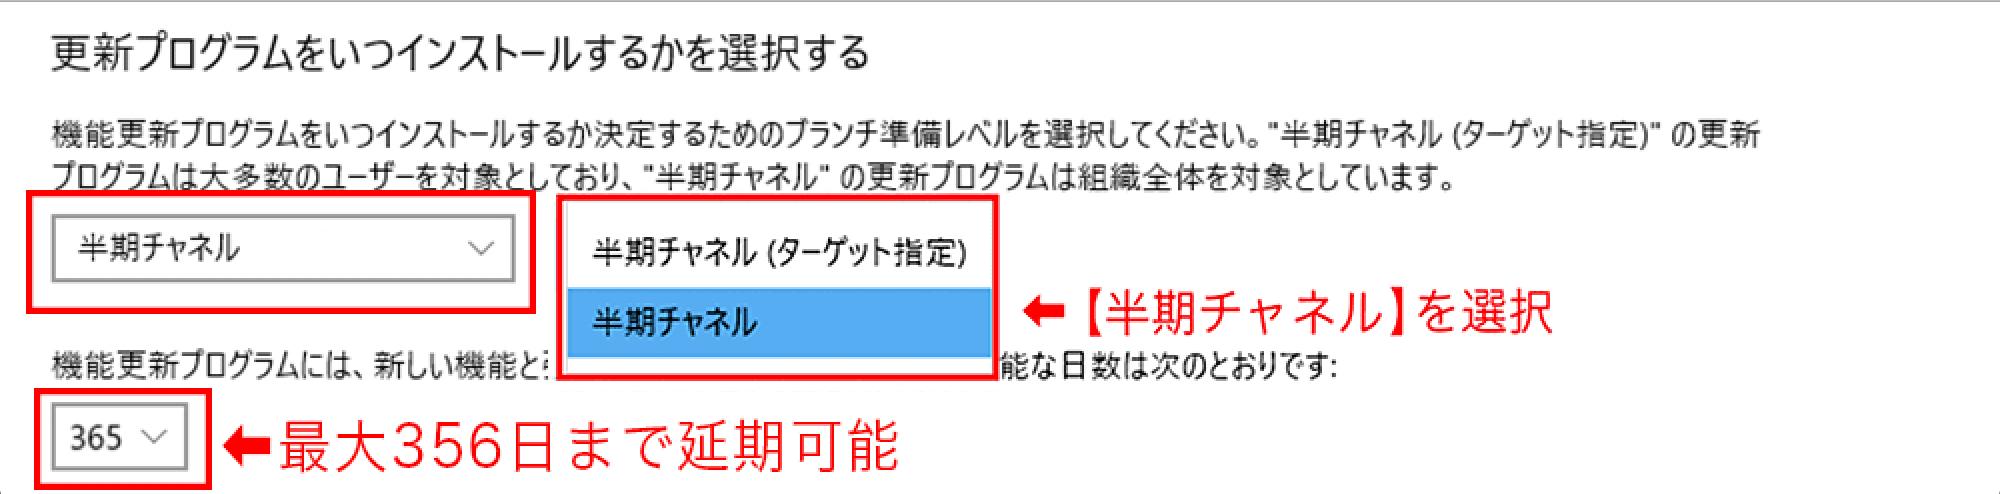 【必須設定】Windows10自動アップデートの更新時期を遅らせる方法